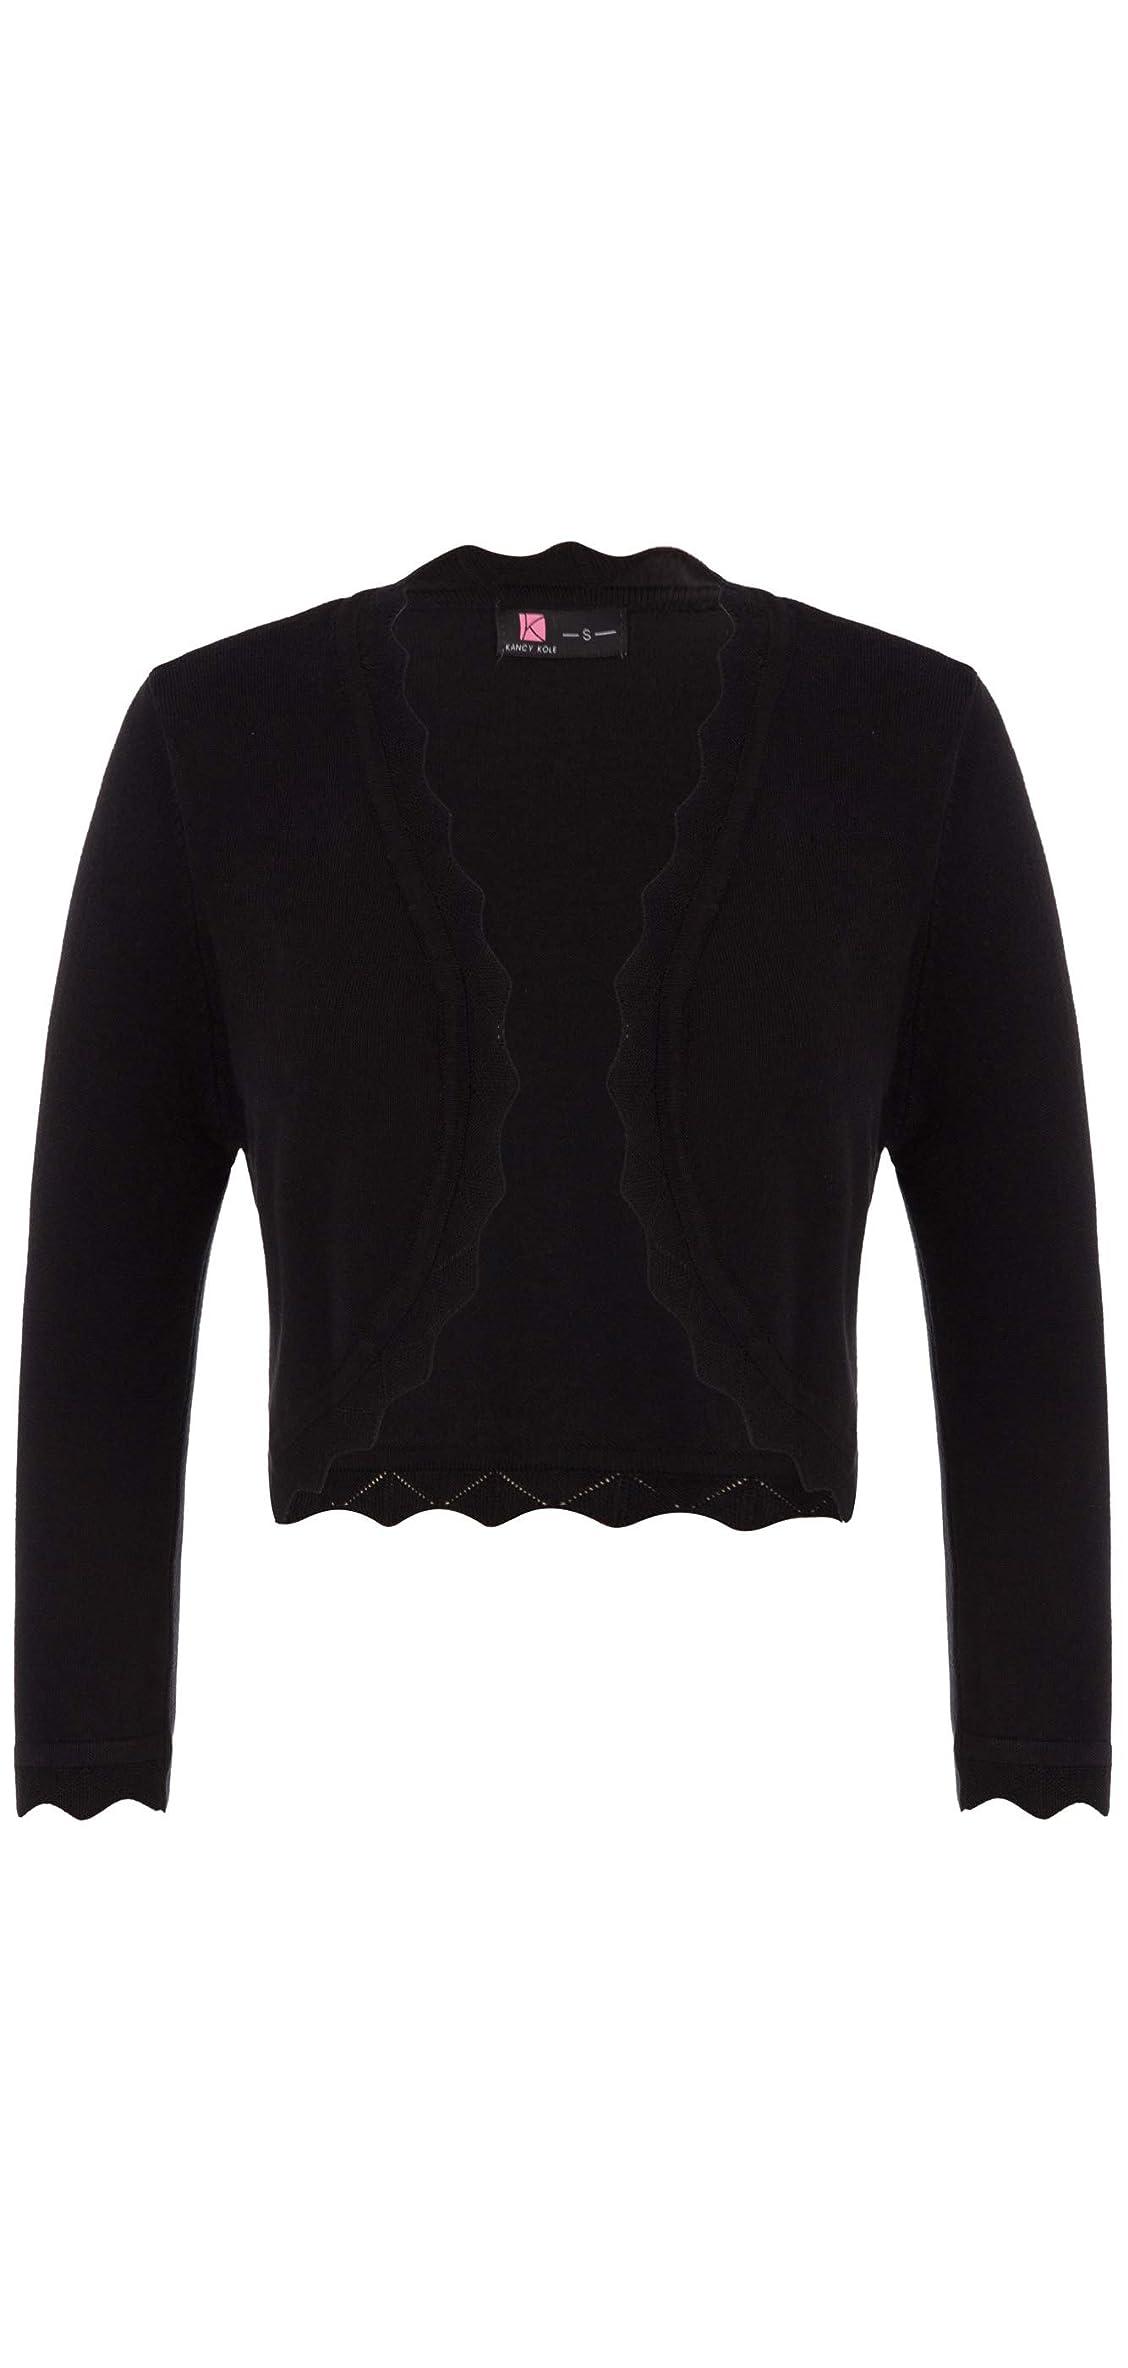 Women's / Sleeve Open Front Knit Cropped Bolero